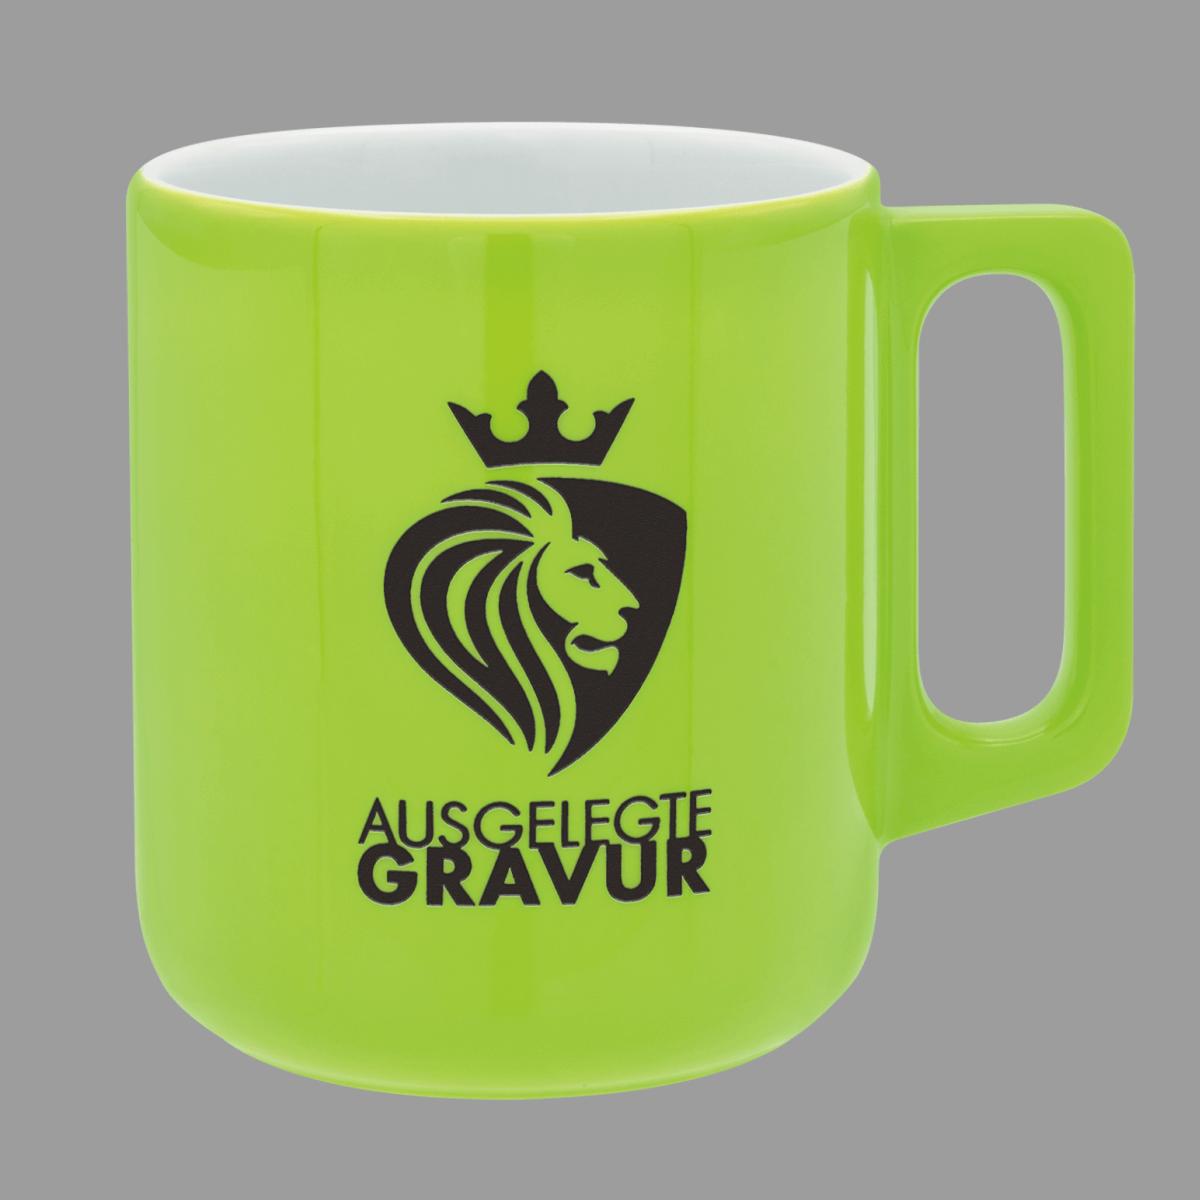 Farbig ausgelegte Gravur_Löwe grün gespritzt